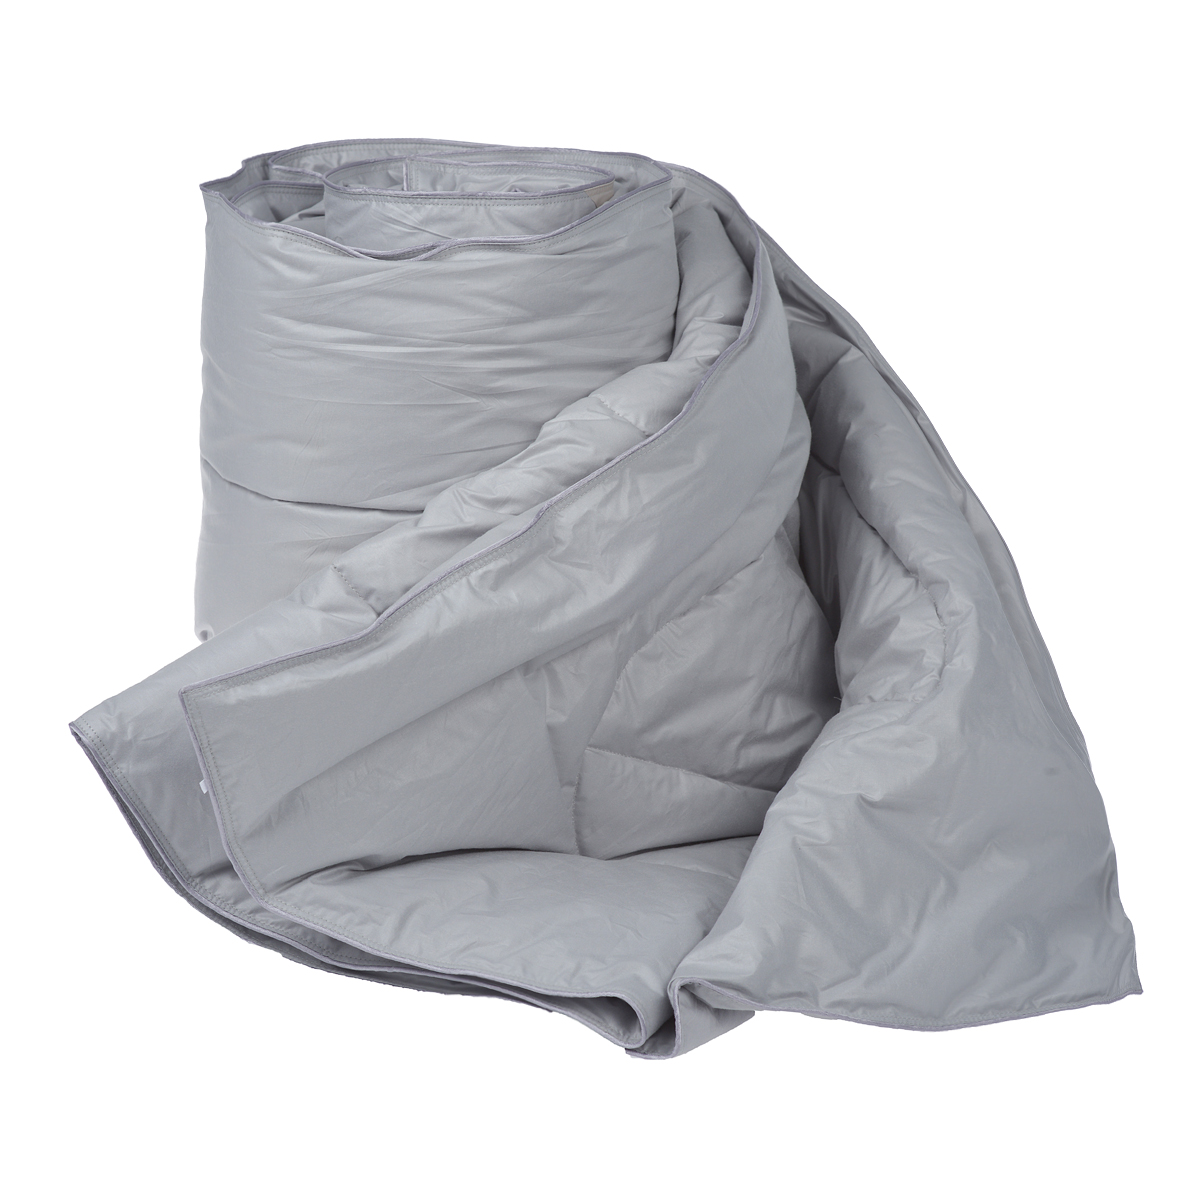 Одеяло Dargez Богемия, наполнитель: пух категории Экстра, цвет: серый, 140 х 205 смМБПЭ-18-1,5Одеяло Dargez Богемия подарит комфорт и уют во время сна. Чехол одеяла выполнен из пуходержащего гладкокрашеного батиста с обработкой ионами серебра. Ткань с ионами серебра благотворно воздействует на кожу, оказывает расслабляющее действие для организма человека, имеет устойчивый антибактериальный эффект. Уникальная запатентованная стежка Bodyline® по форме повторяет тело человека, что помогает эффективно регулировать теплообмен различных частей организма и создать оптимальный микроклимат во время сна. Натуральное сырье, инновационные разработки и современные технологии - вот рецепт вашего крепкого сна. Изделия коллекции способны стать прекрасным подарком для людей, ценящих красоту и комфорт. Рекомендации по уходу: - Стирка при температуре не более 40°С. - Запрещается отбеливать, гладить, выжимать и сушить в стиральной машине. Материал чехла: батист пуходержащий (100% хлопок). Материал наполнителя: пух категории Экстра. Размер одеяла: 140 см х 205 см.